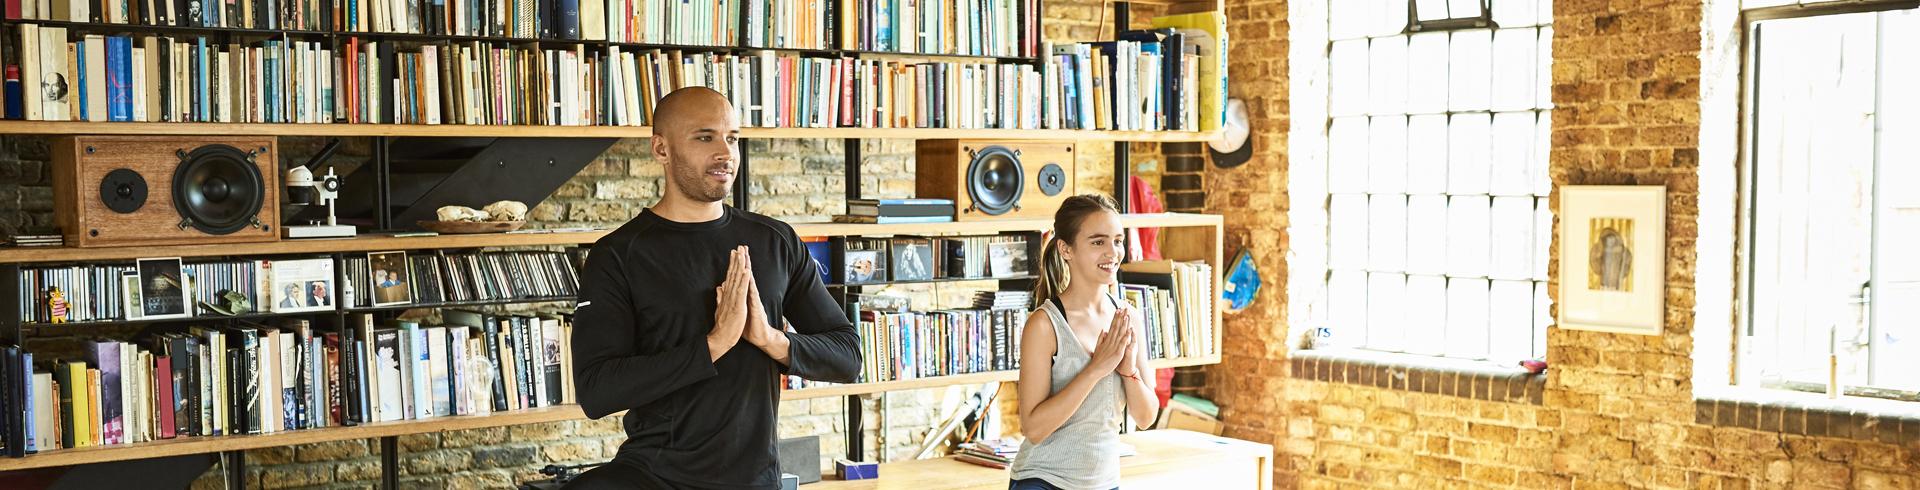 Imagen de un hombre y su hijo realizando ejercicios